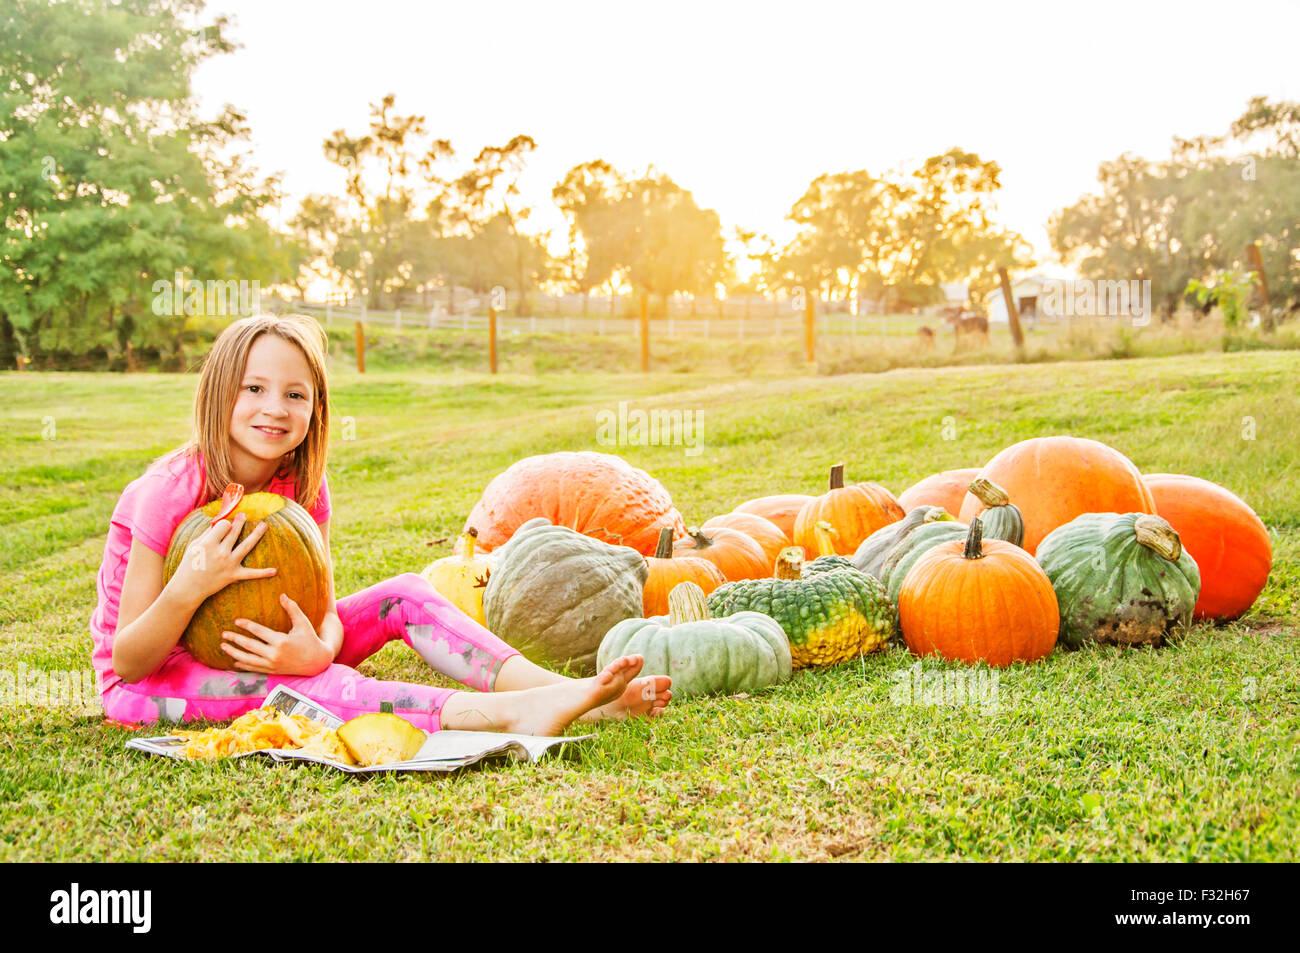 Chica por las calabazas y calabazas Imagen De Stock